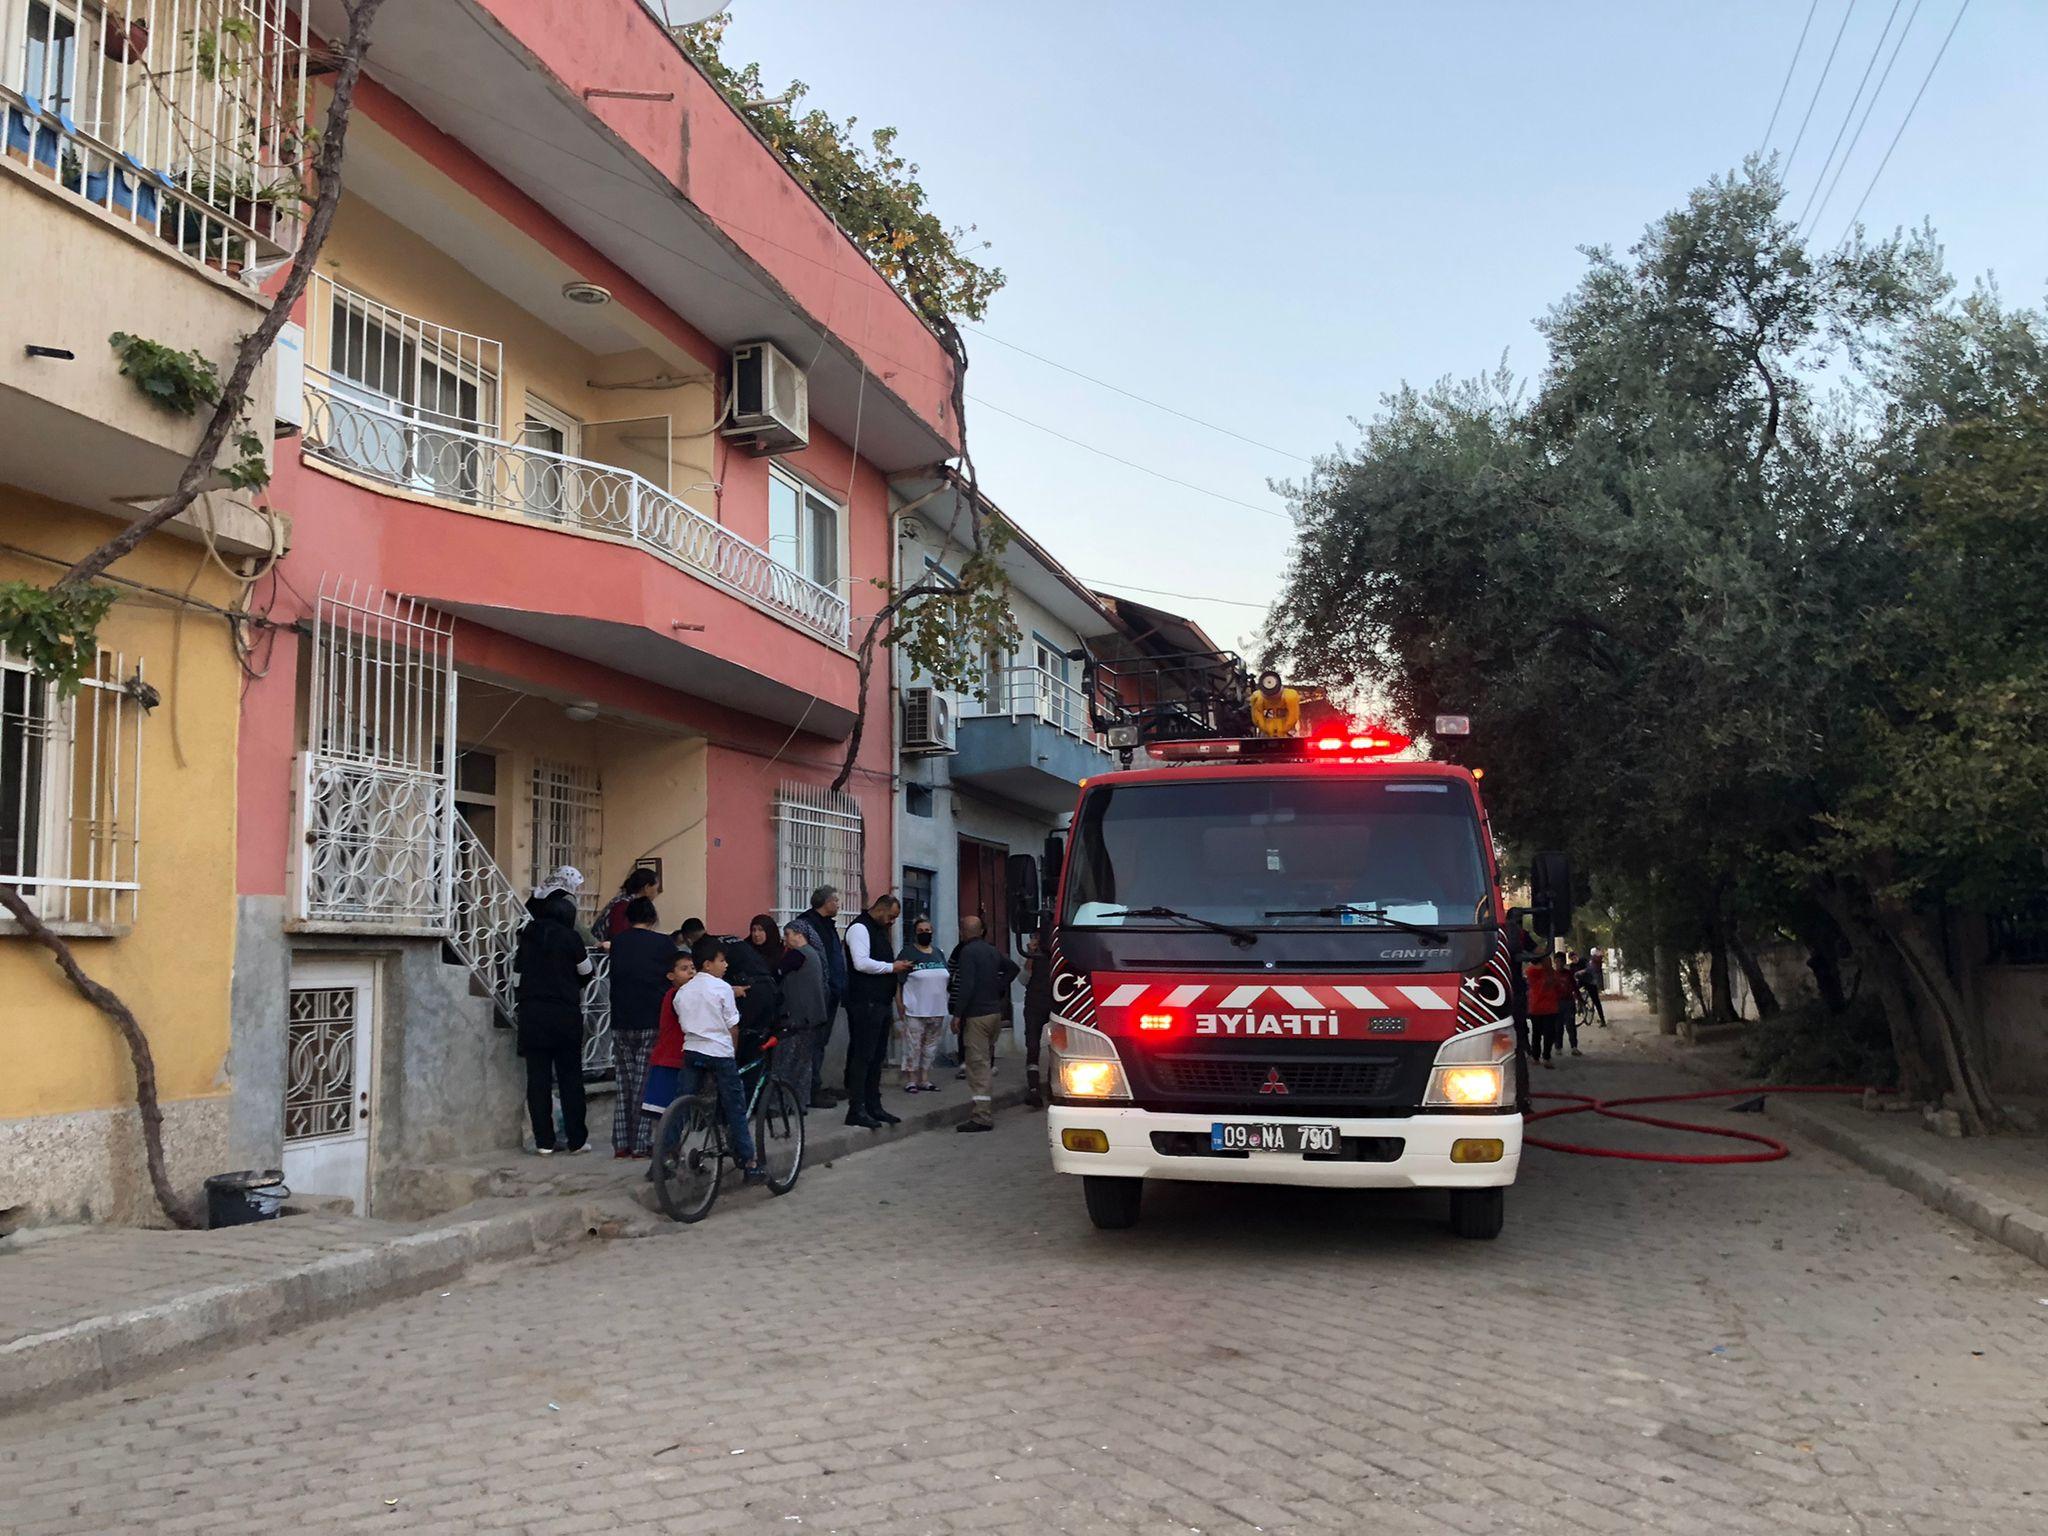 Nazilli'de Korkutan Yangın; 1 Kişi Yaralandı